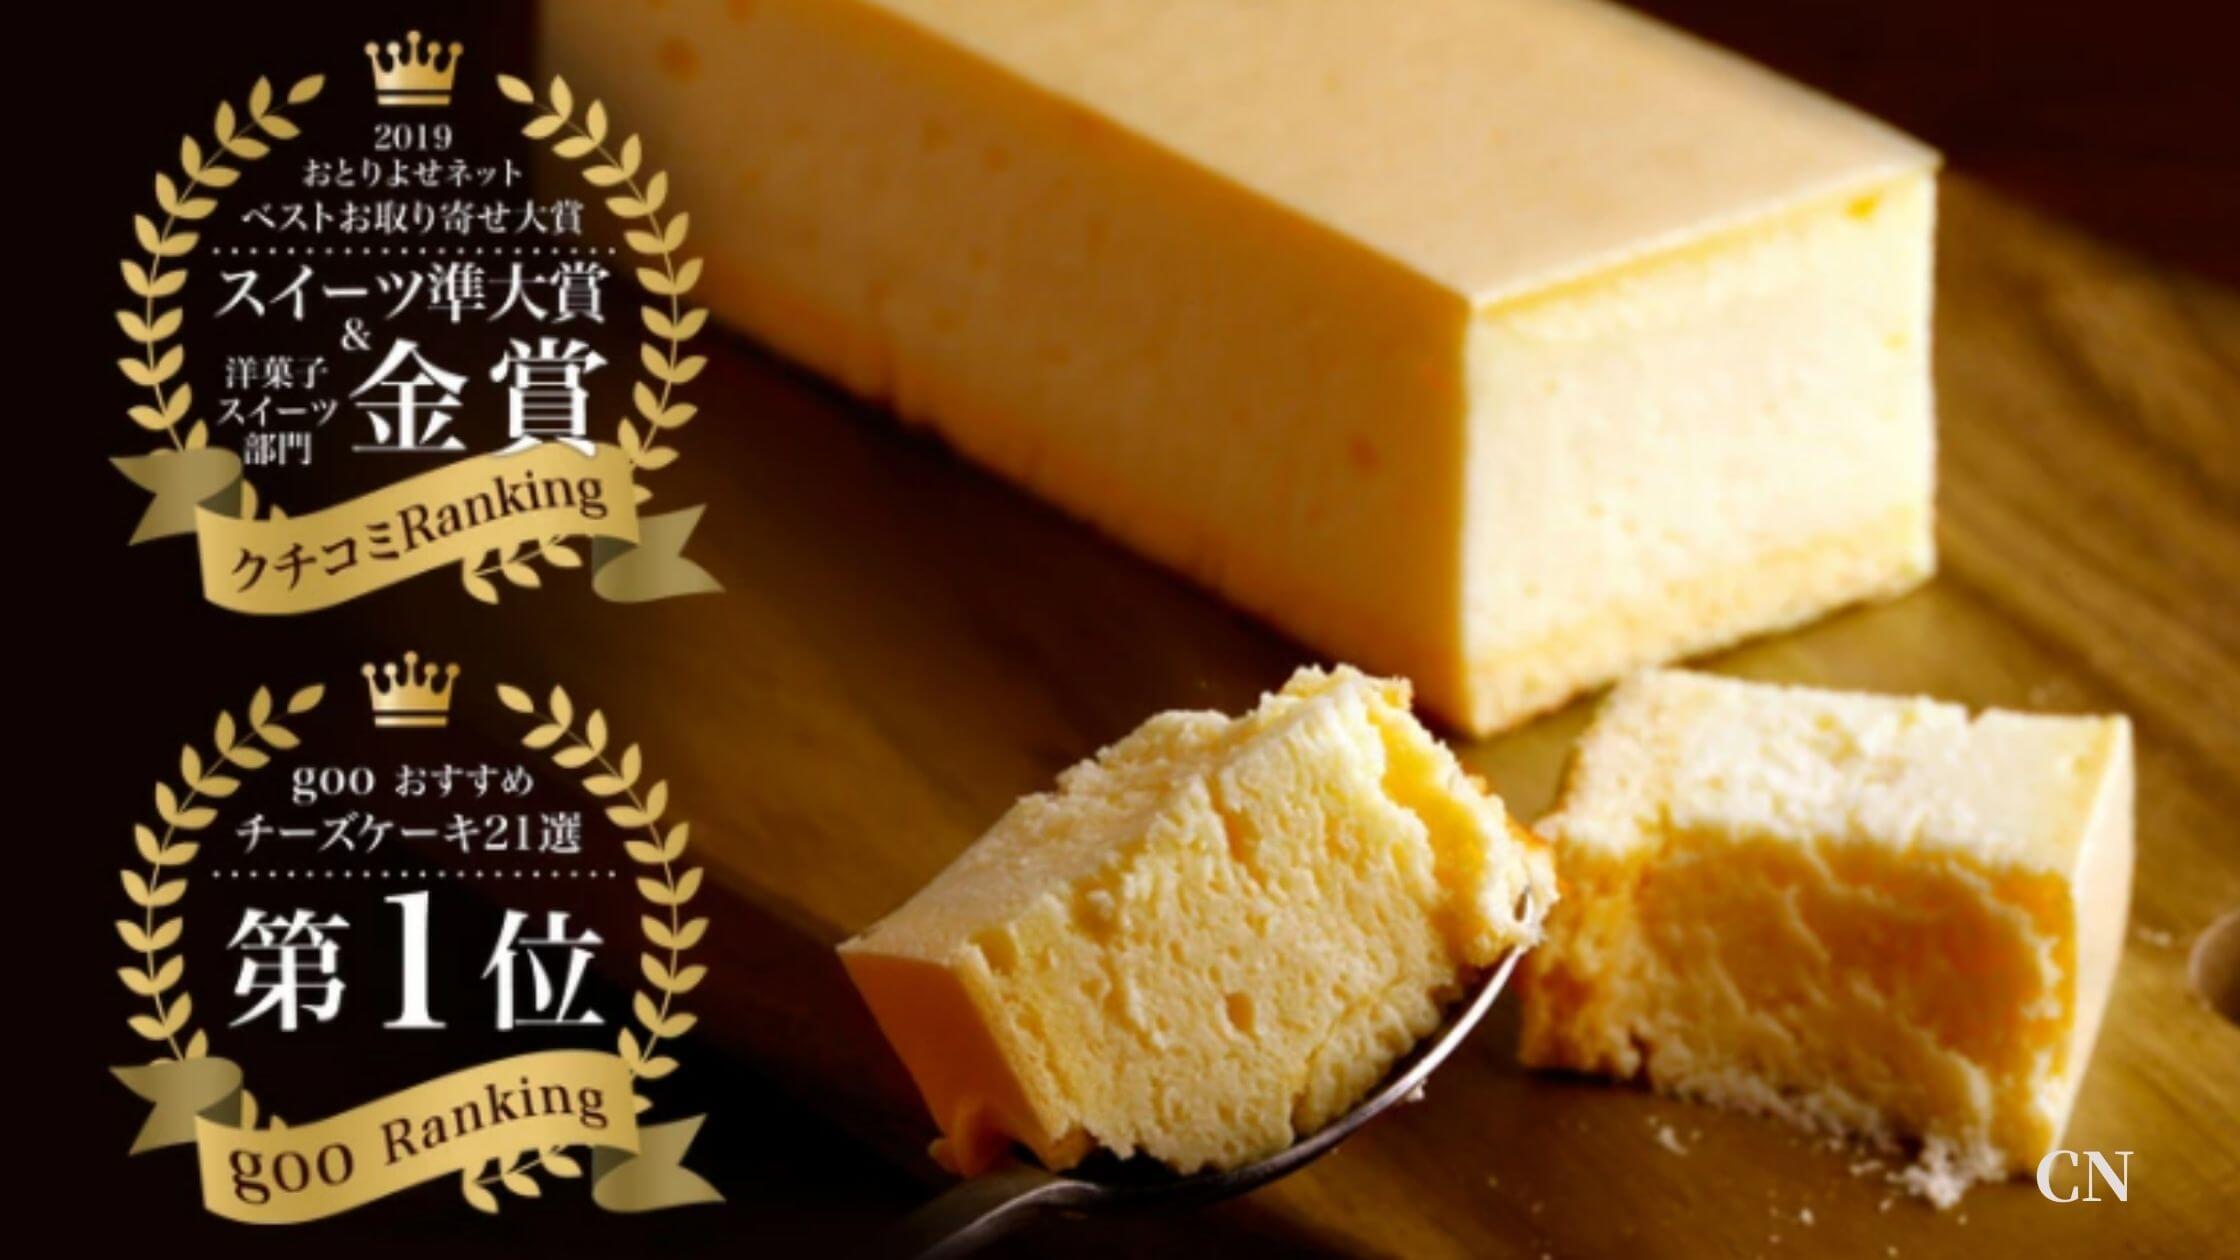 【口コミ】クリオロのチーズケーキをレビュー!カロリーや日持ちも徹底解説